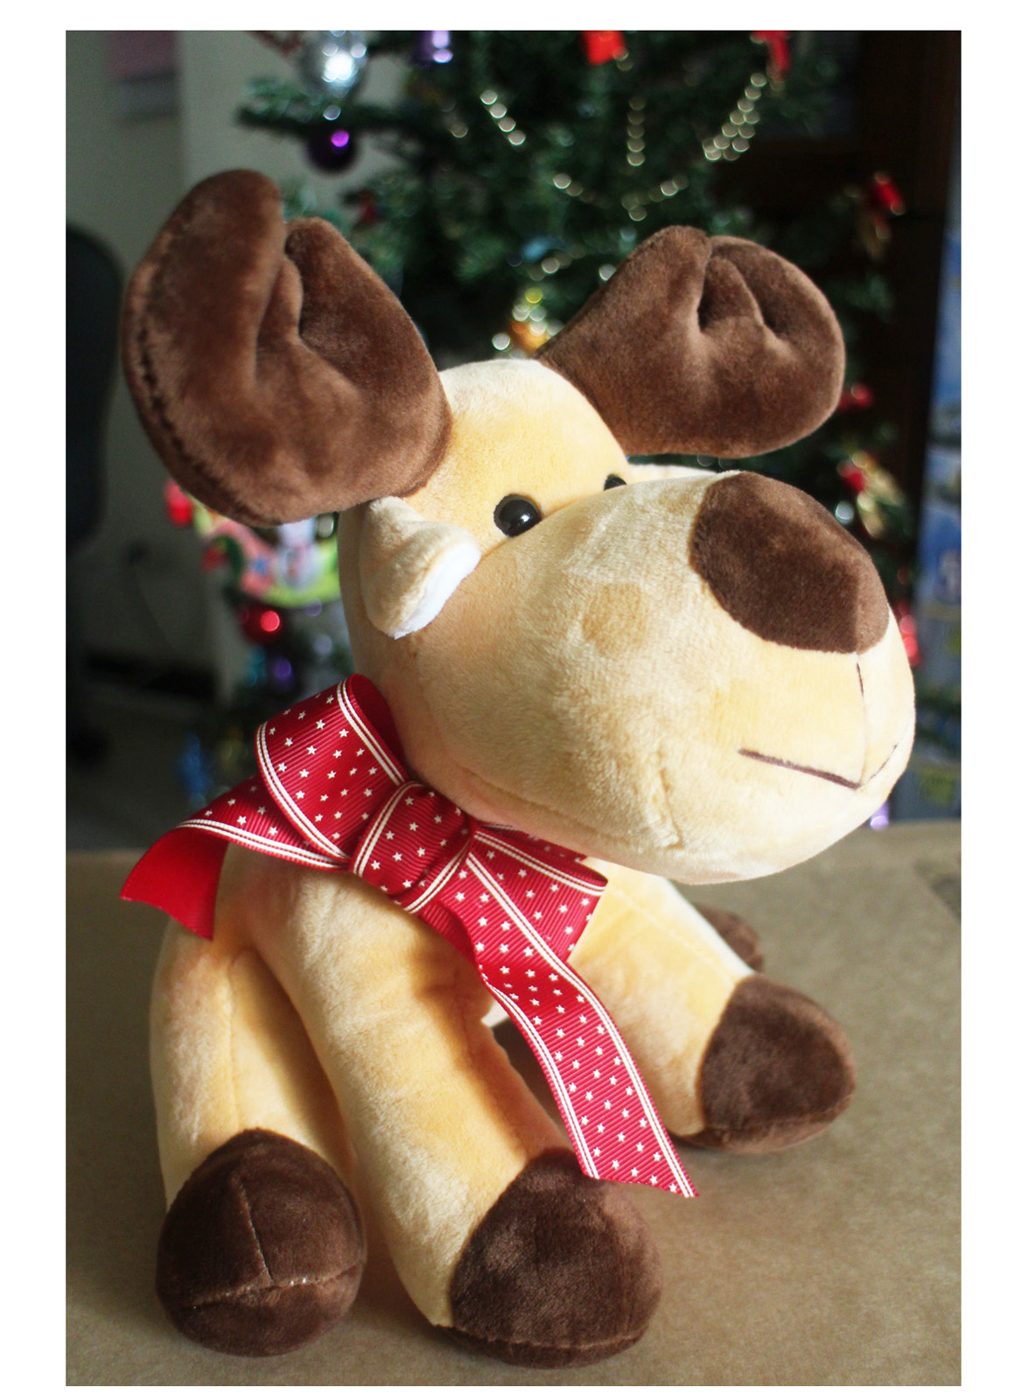 卡漫城聖誕麋鹿玩偶24CM耶誕擺飾吊飾禮物裝飾Reindeer娃娃聖誕老公公X'mas